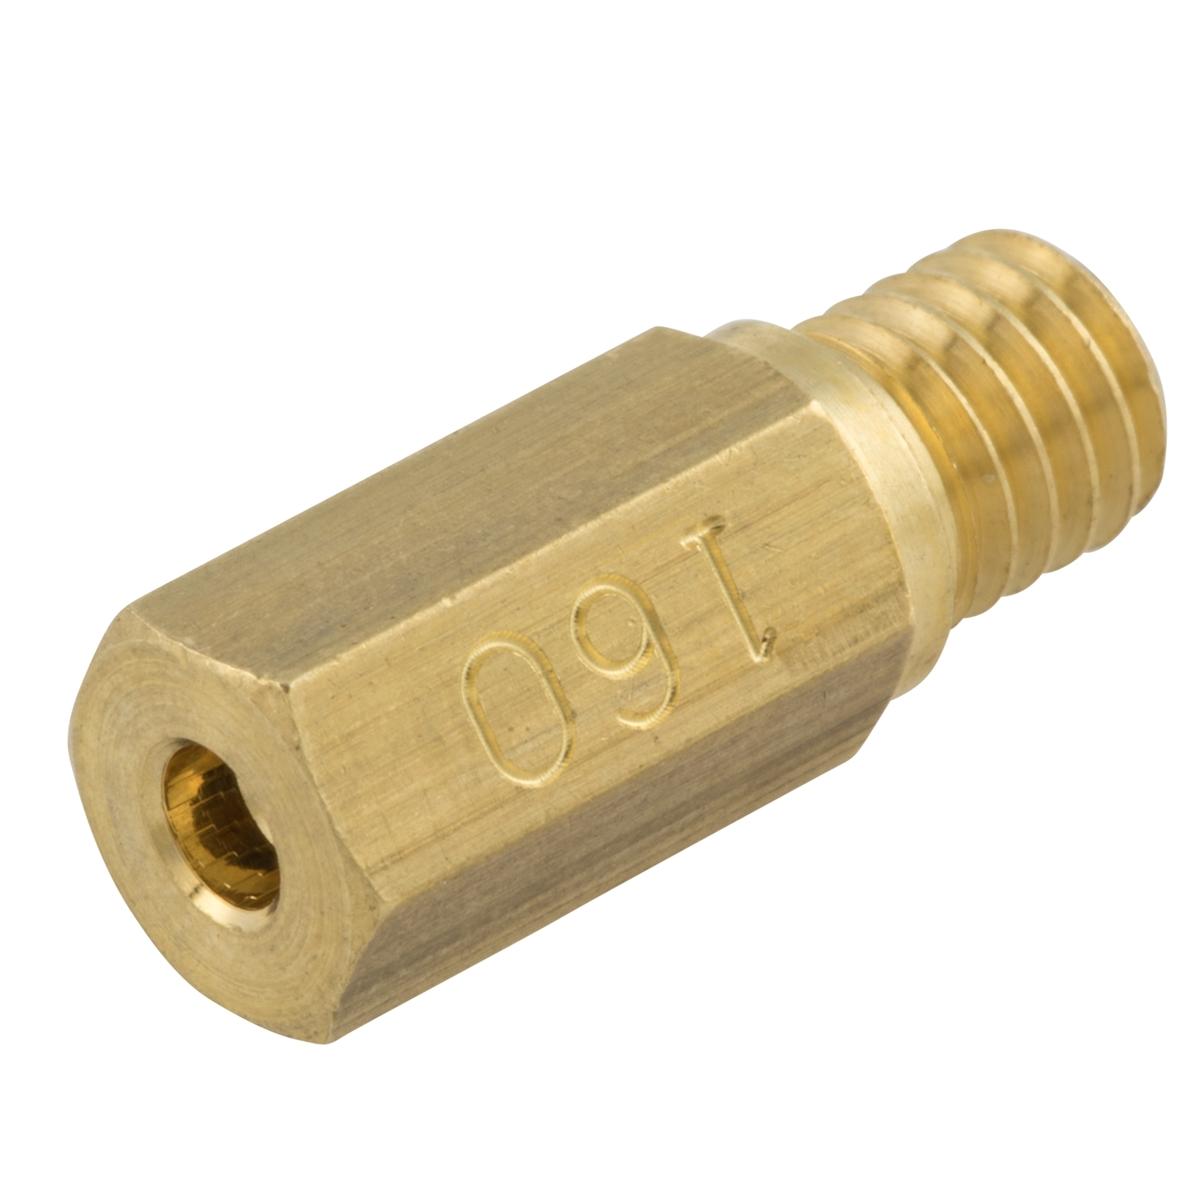 Obrázek výrobku pro 'Tryska KMT 150 Ø 6 mmTitle'